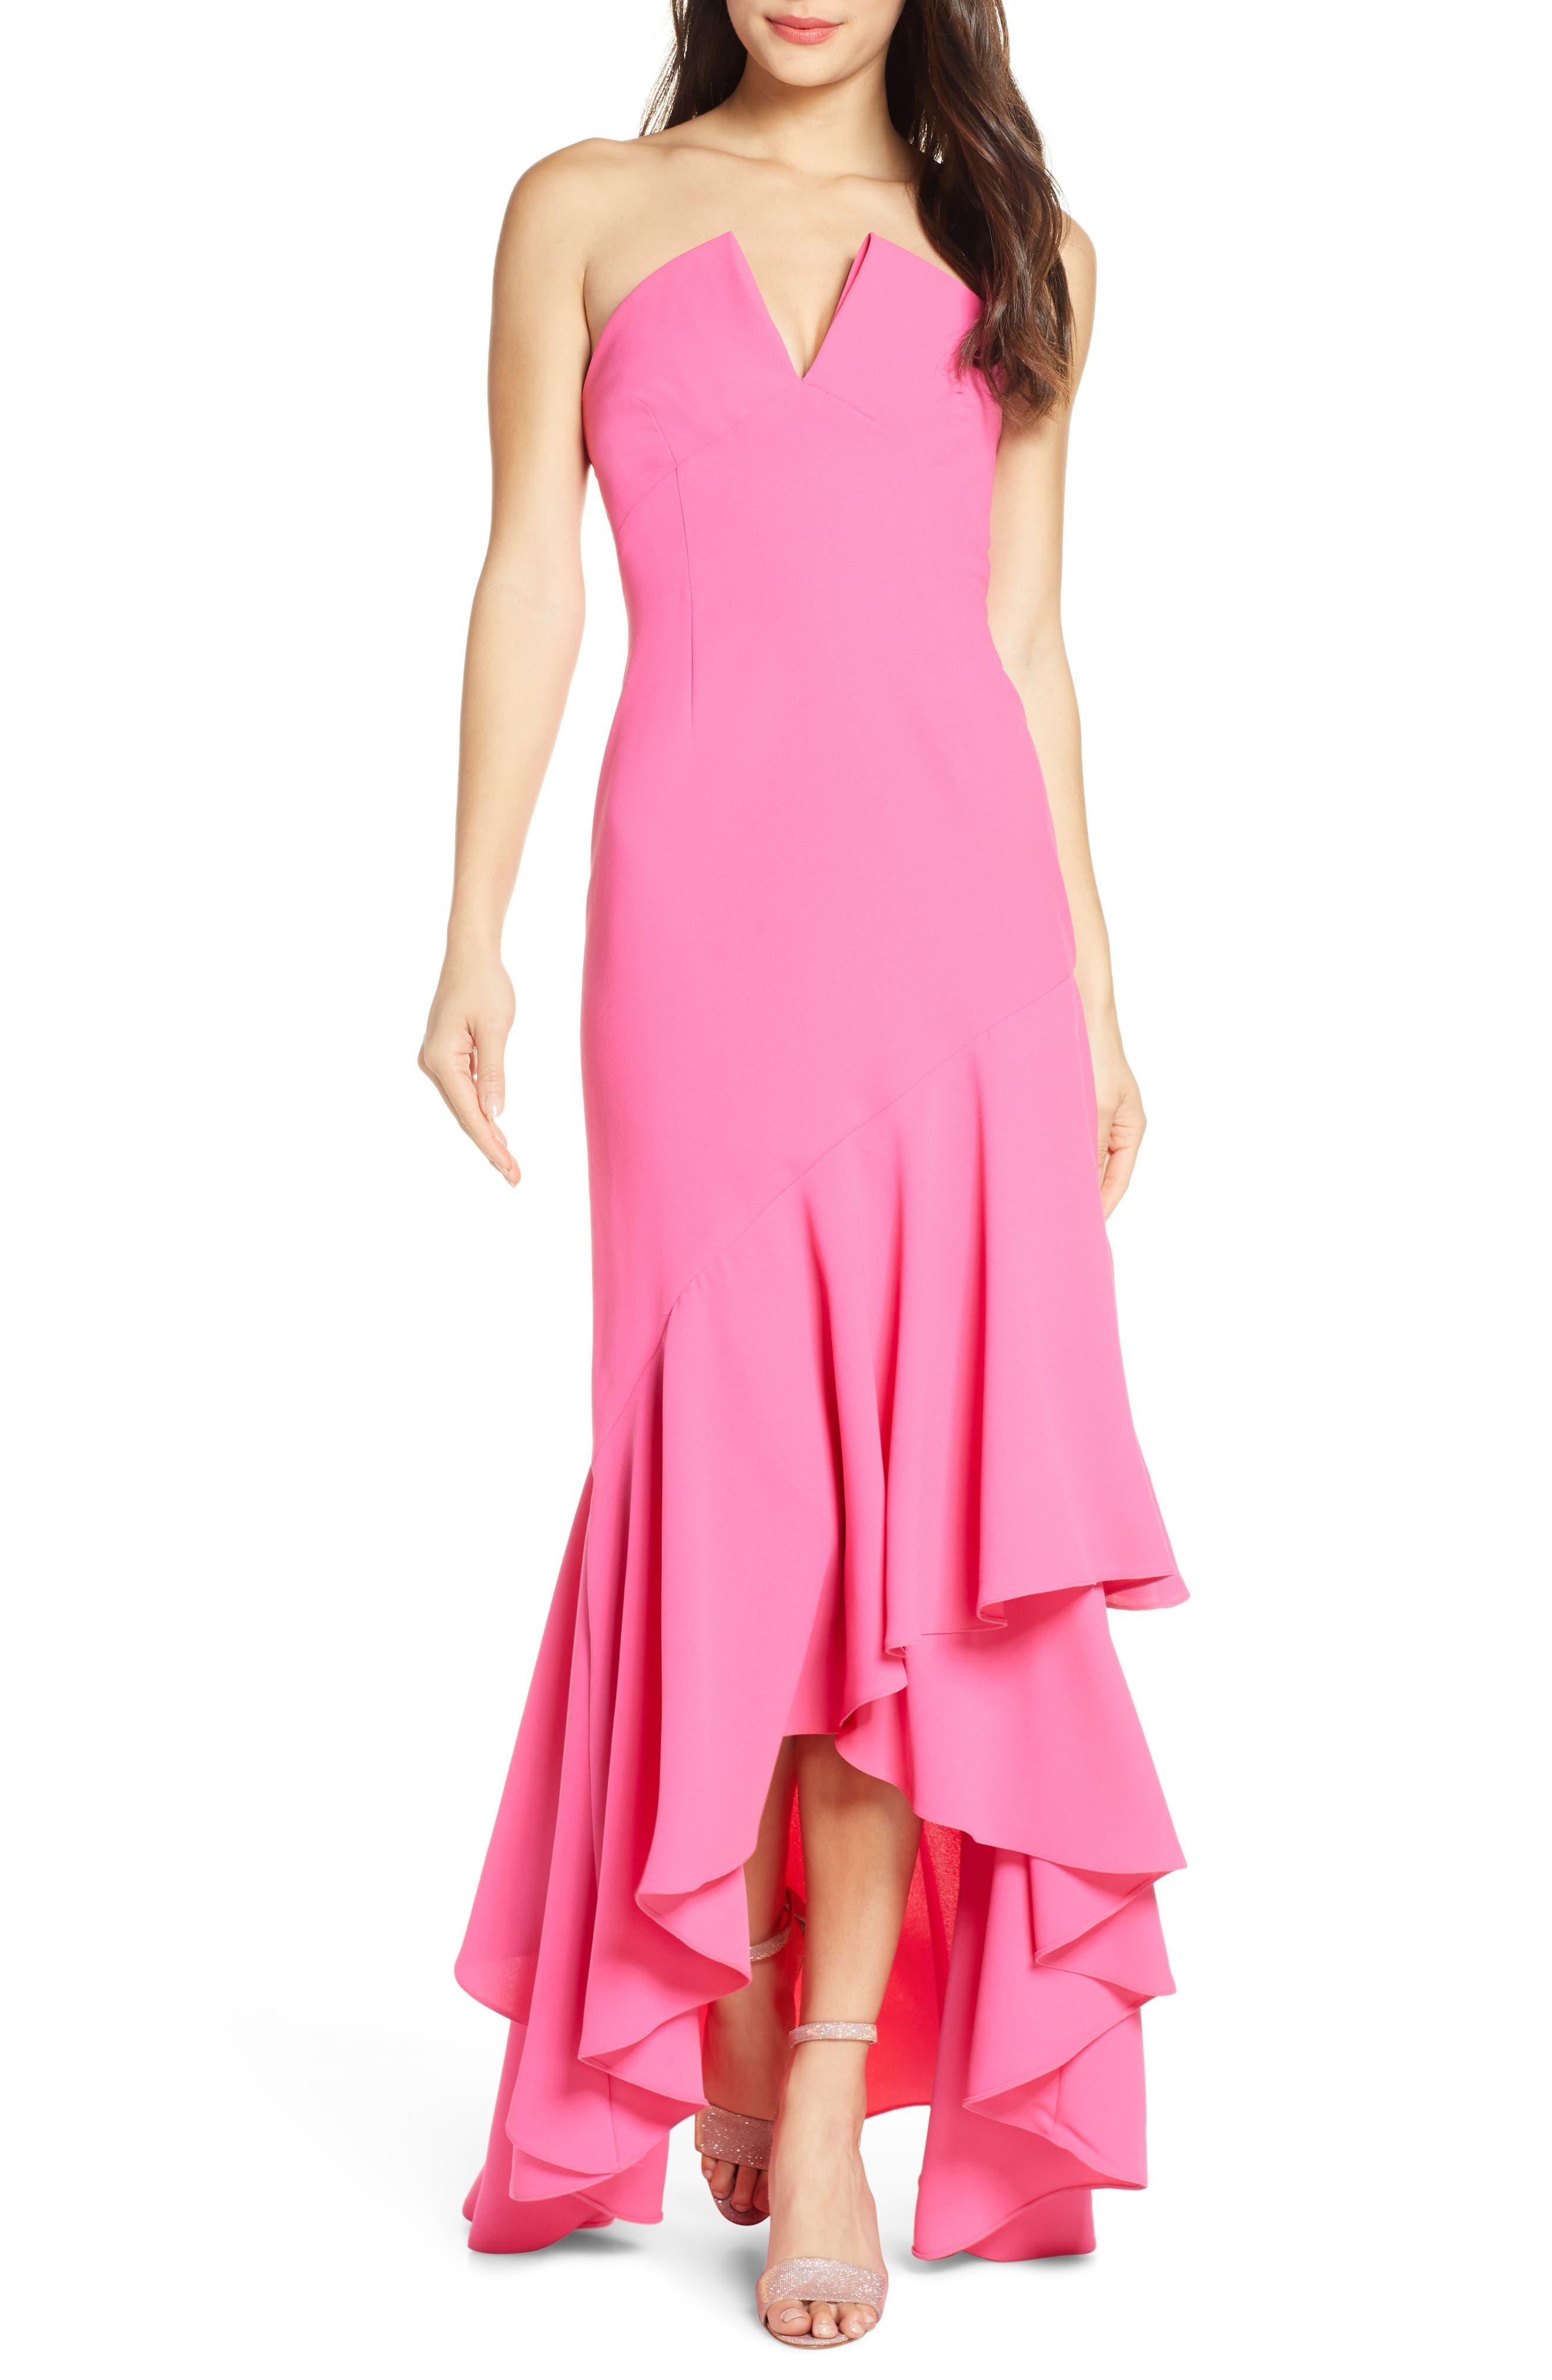 Jill Jill Stuart Notch Detail Strapless Gown, Pink